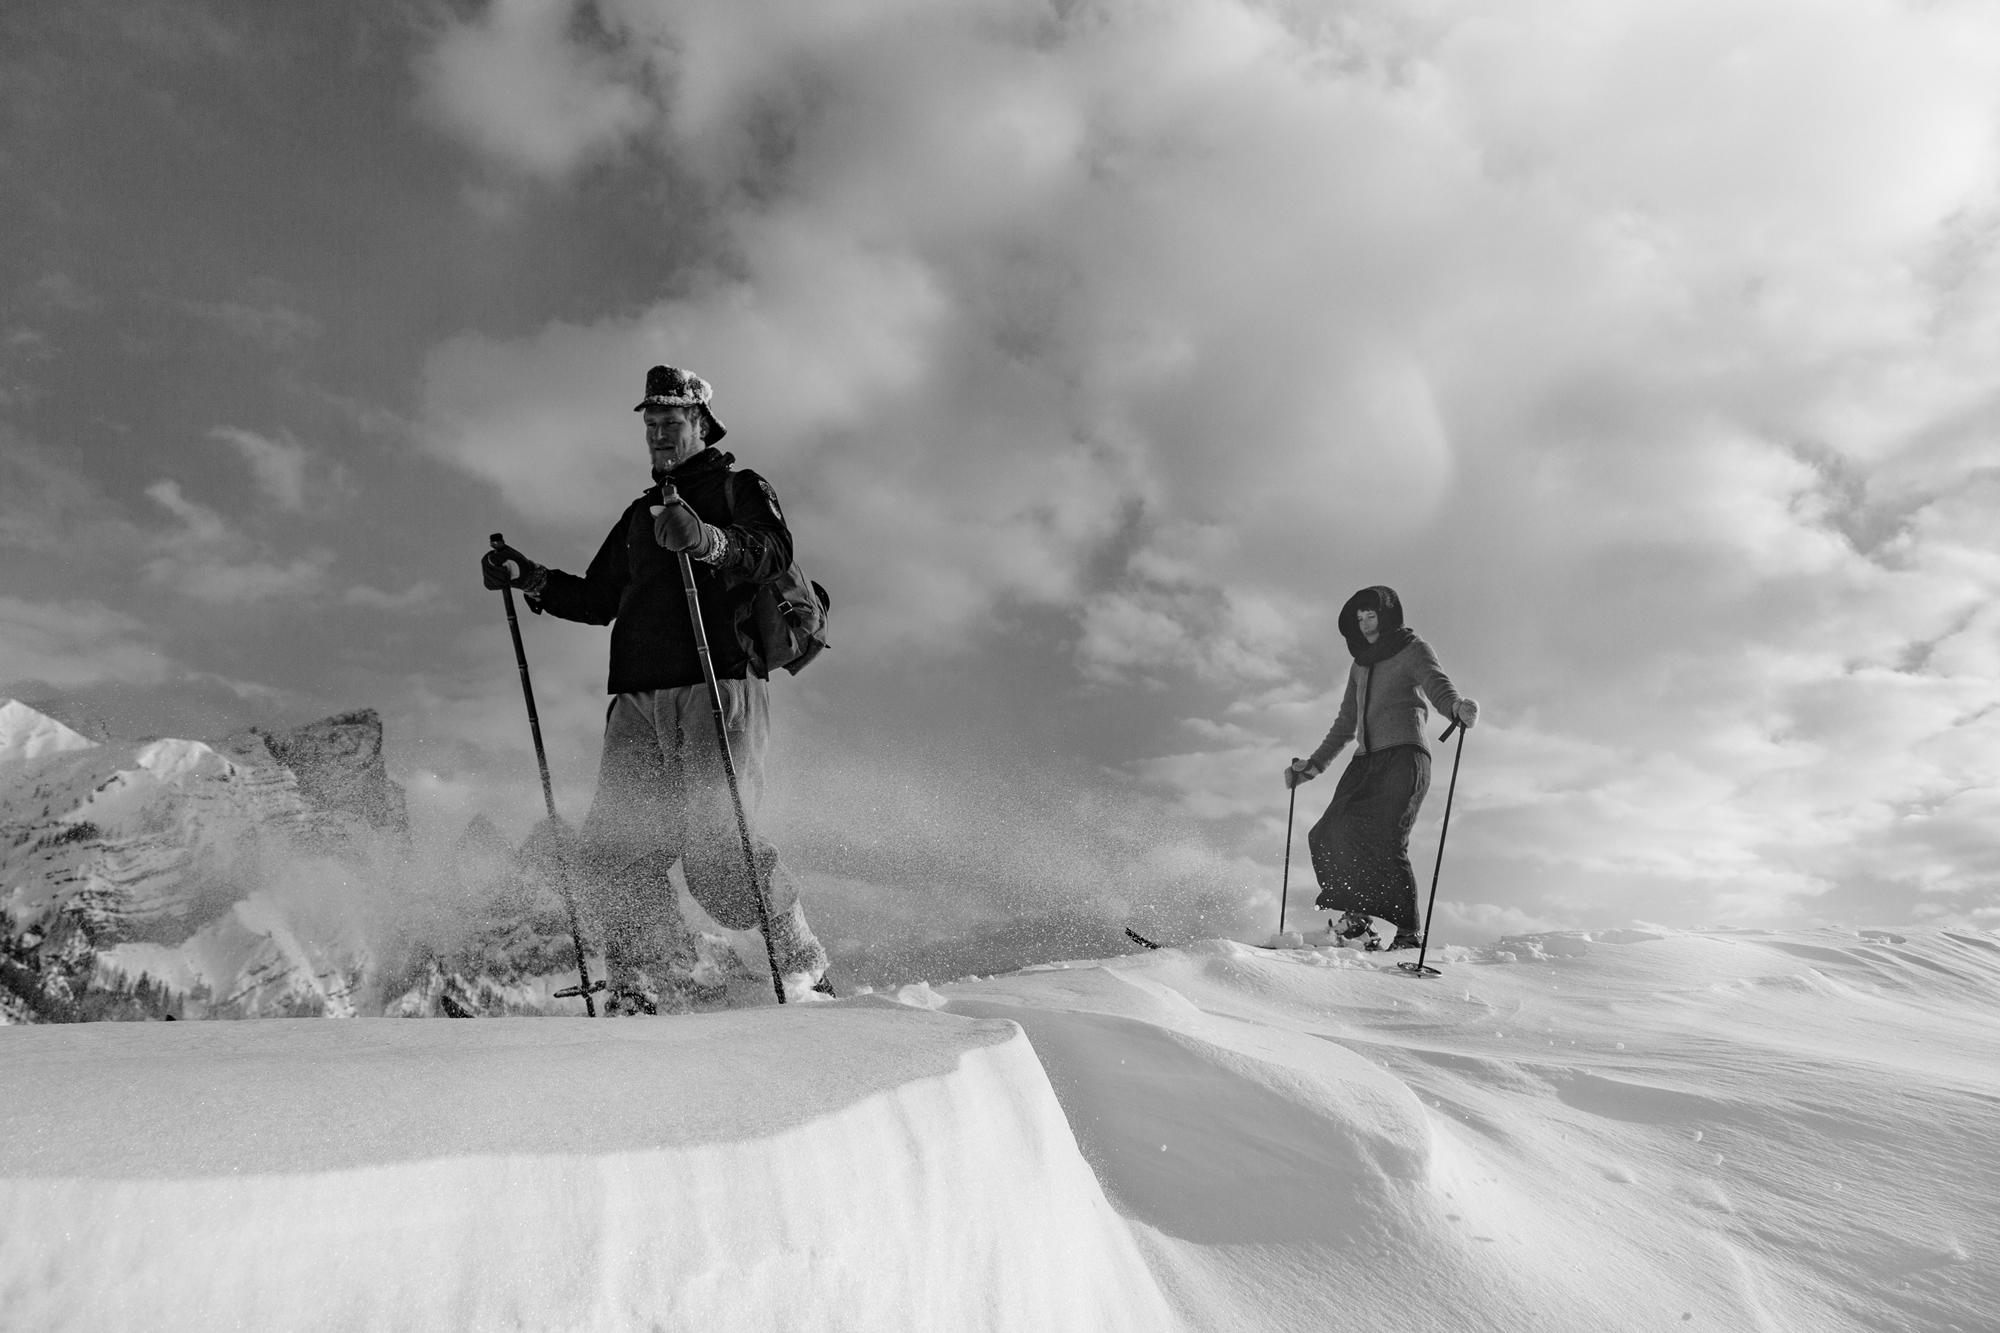 Zitat: Andrew Irvine, junger Skirennfahrer und Gründungsmitglied des Kandahar Ski Club, bringt das neue Sportgefühl um 1923 leidenschaftlich zum Ausdruck. // (Aus: Lunn Arnold, The Kandahar Story, George Allen & Unwin Ltd., London 1969, zitiert nach Max D. Amstutz, Die Anfänge des alpinen Skirennsports, AS Verlag & Buchkonzept AG, Zürich 2010, S. 97) © Foto: Franz Walter